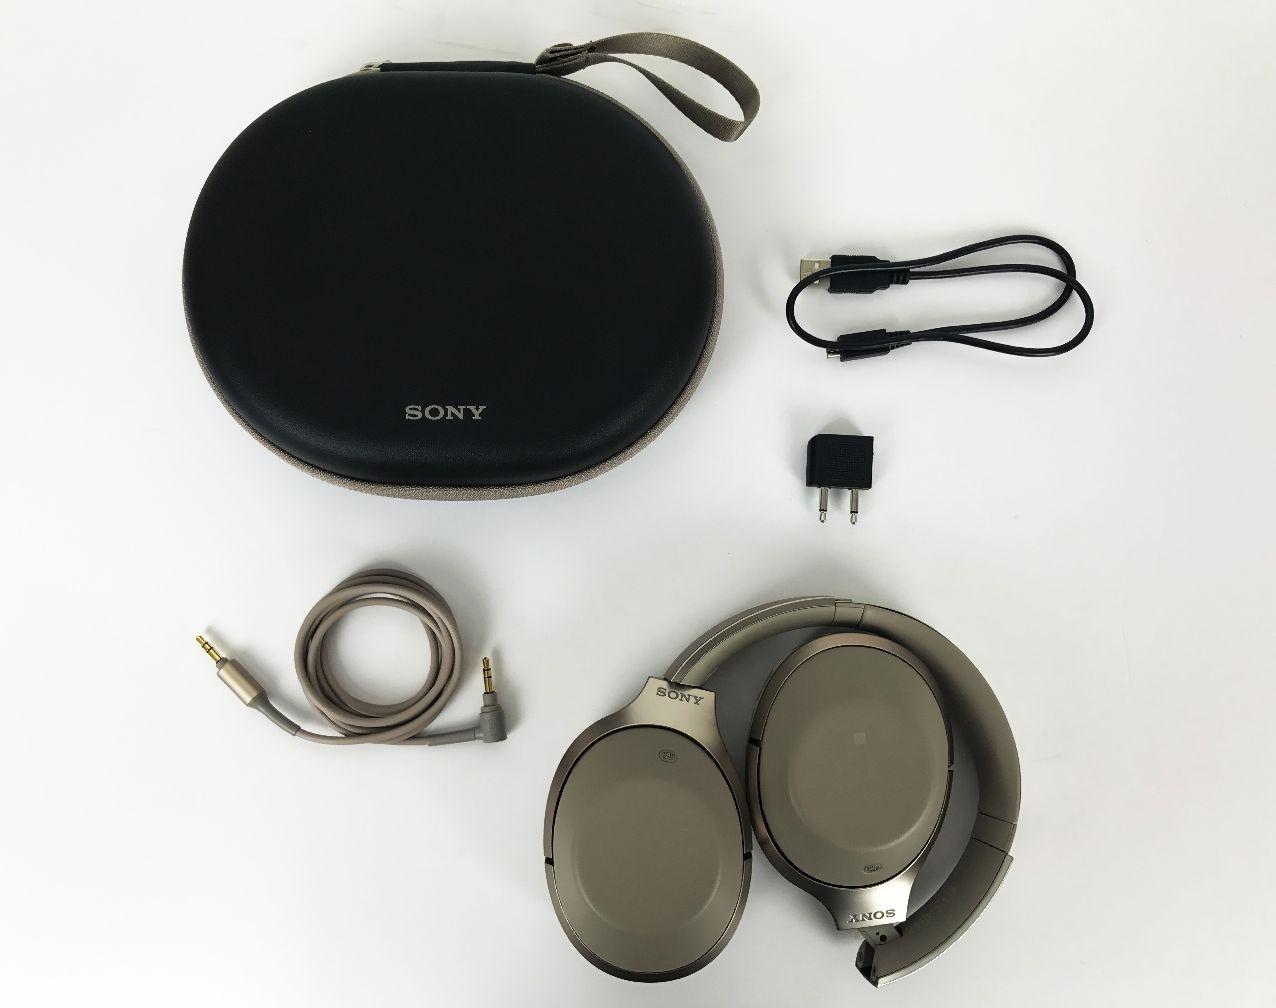 đánh giá chất lượng tai nghe MDR-1000x